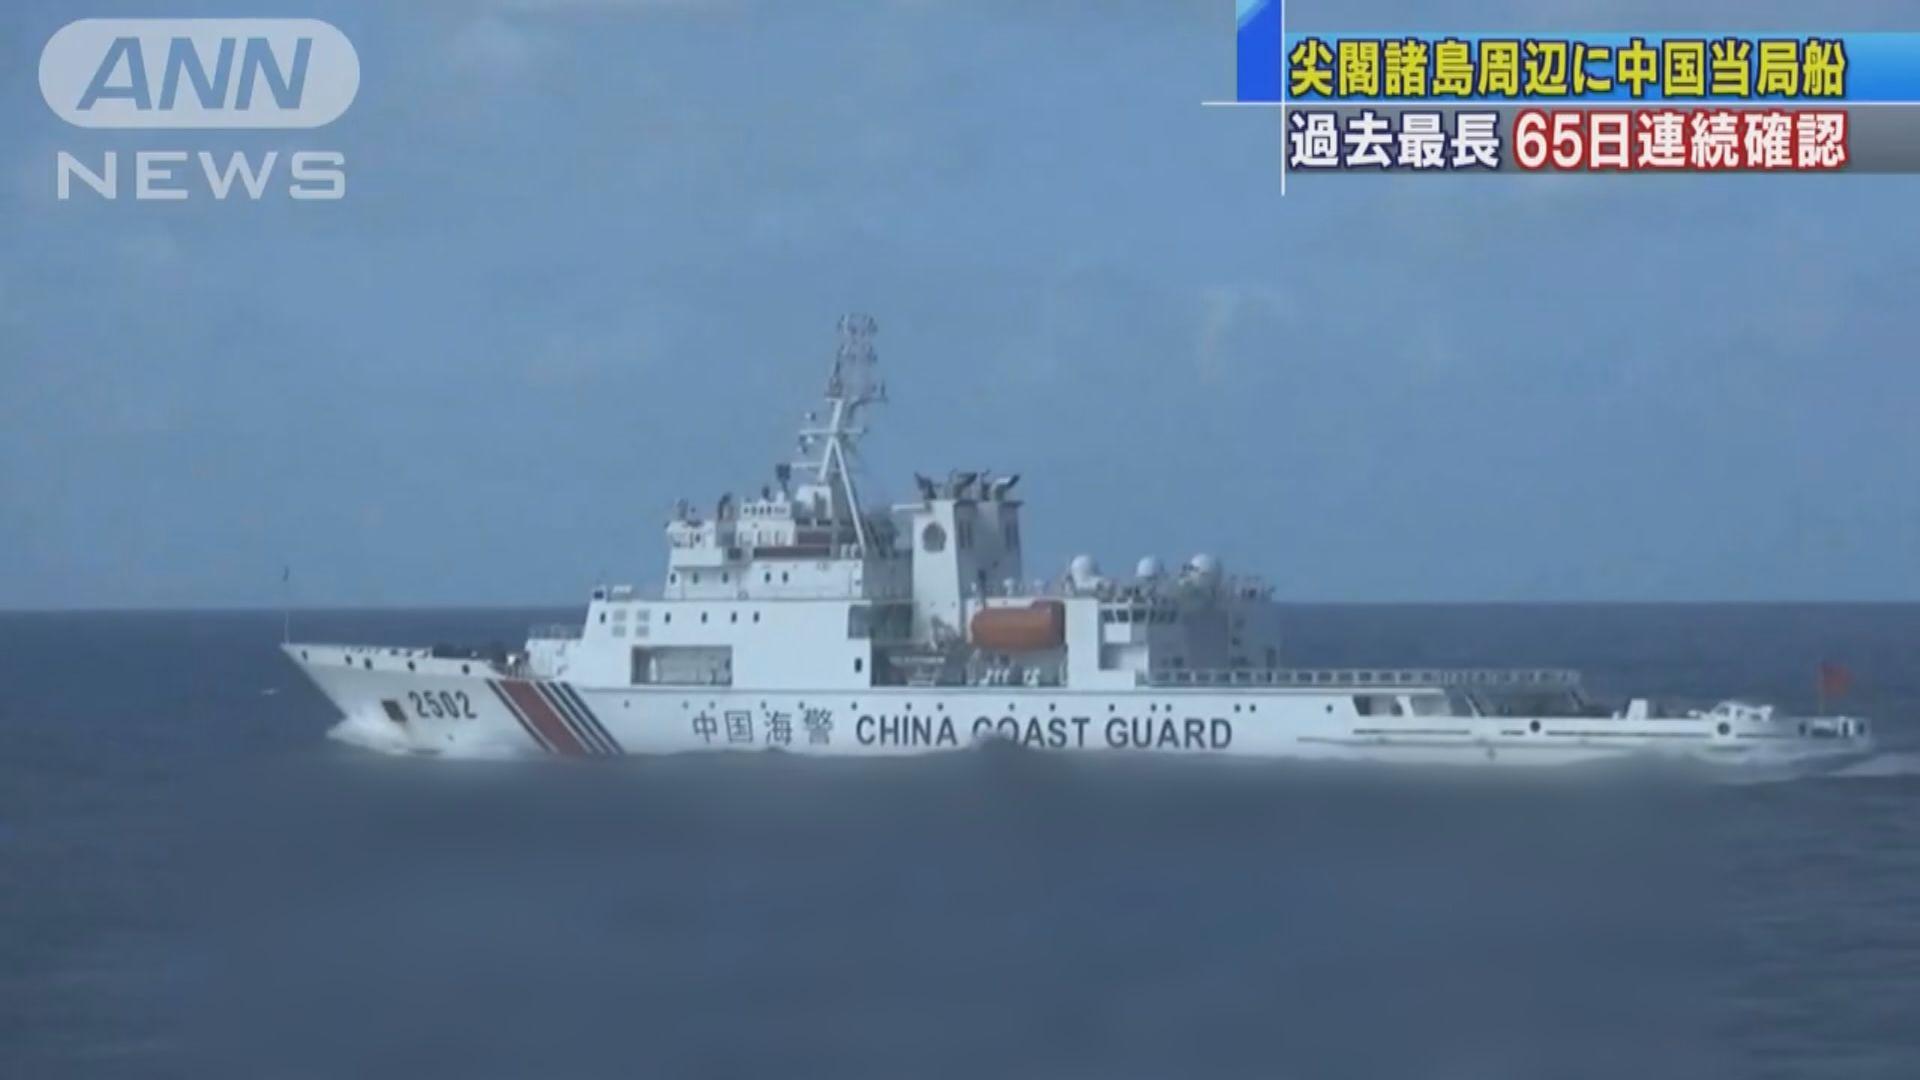 日防衛大臣暗示或射擊登陸釣魚島的中國海警船